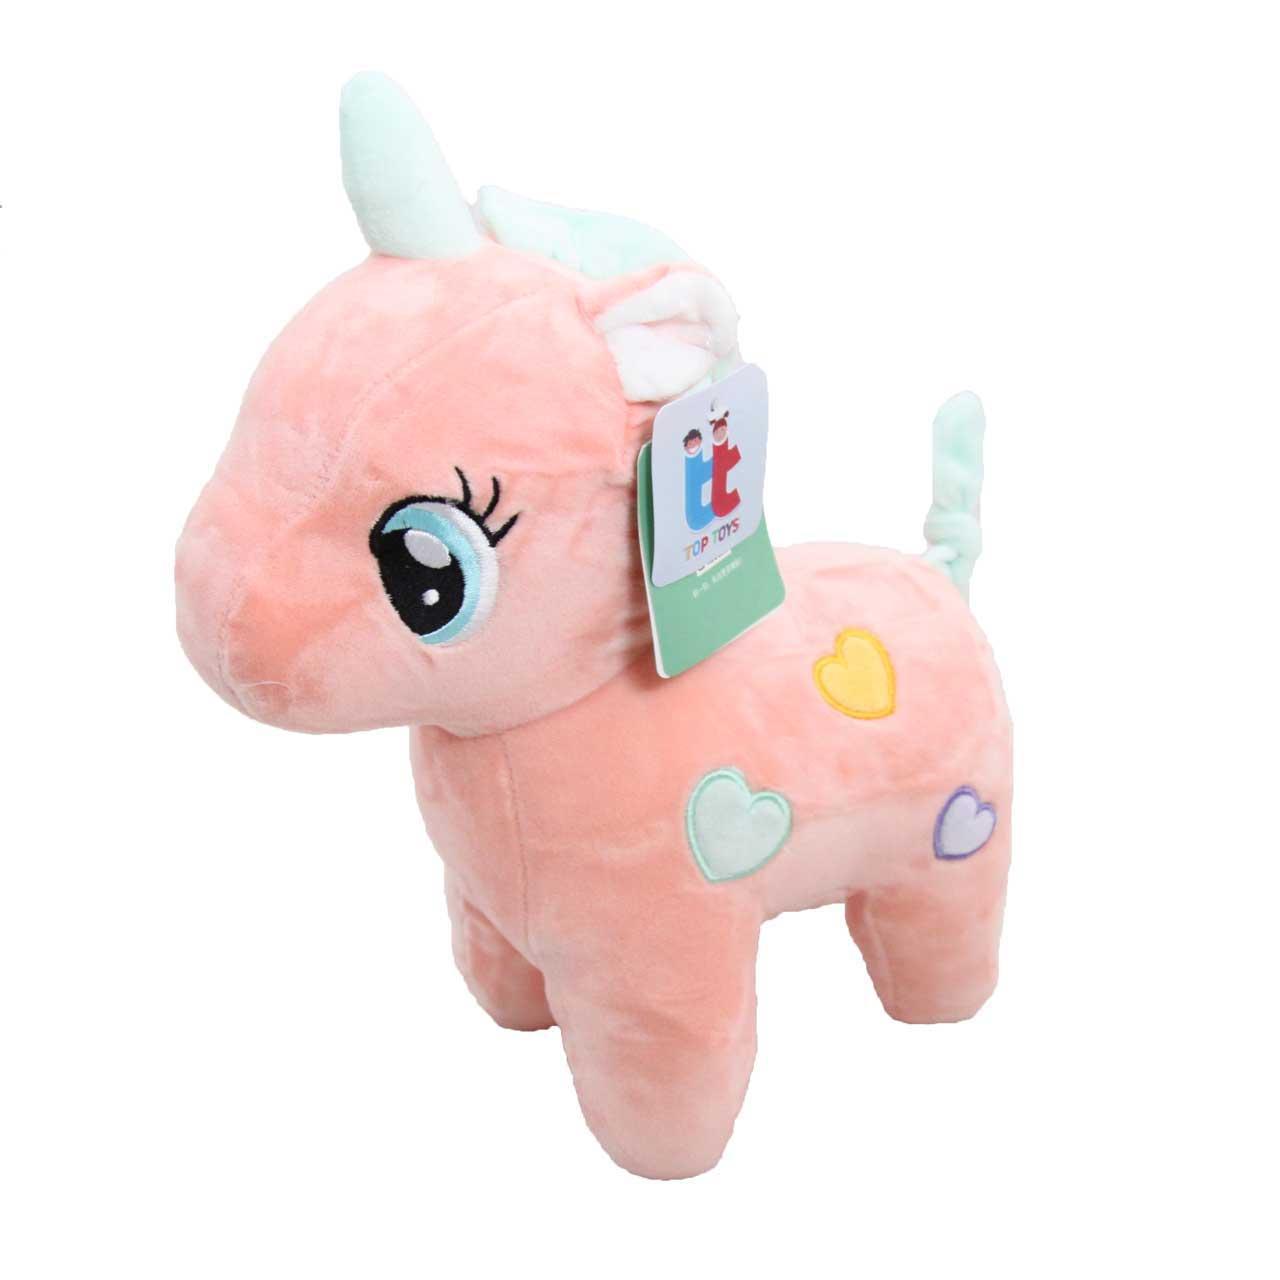 عروسک تاپ تویز طرح اسب پونی تاج دار ارتفاع 27 سانتی متر